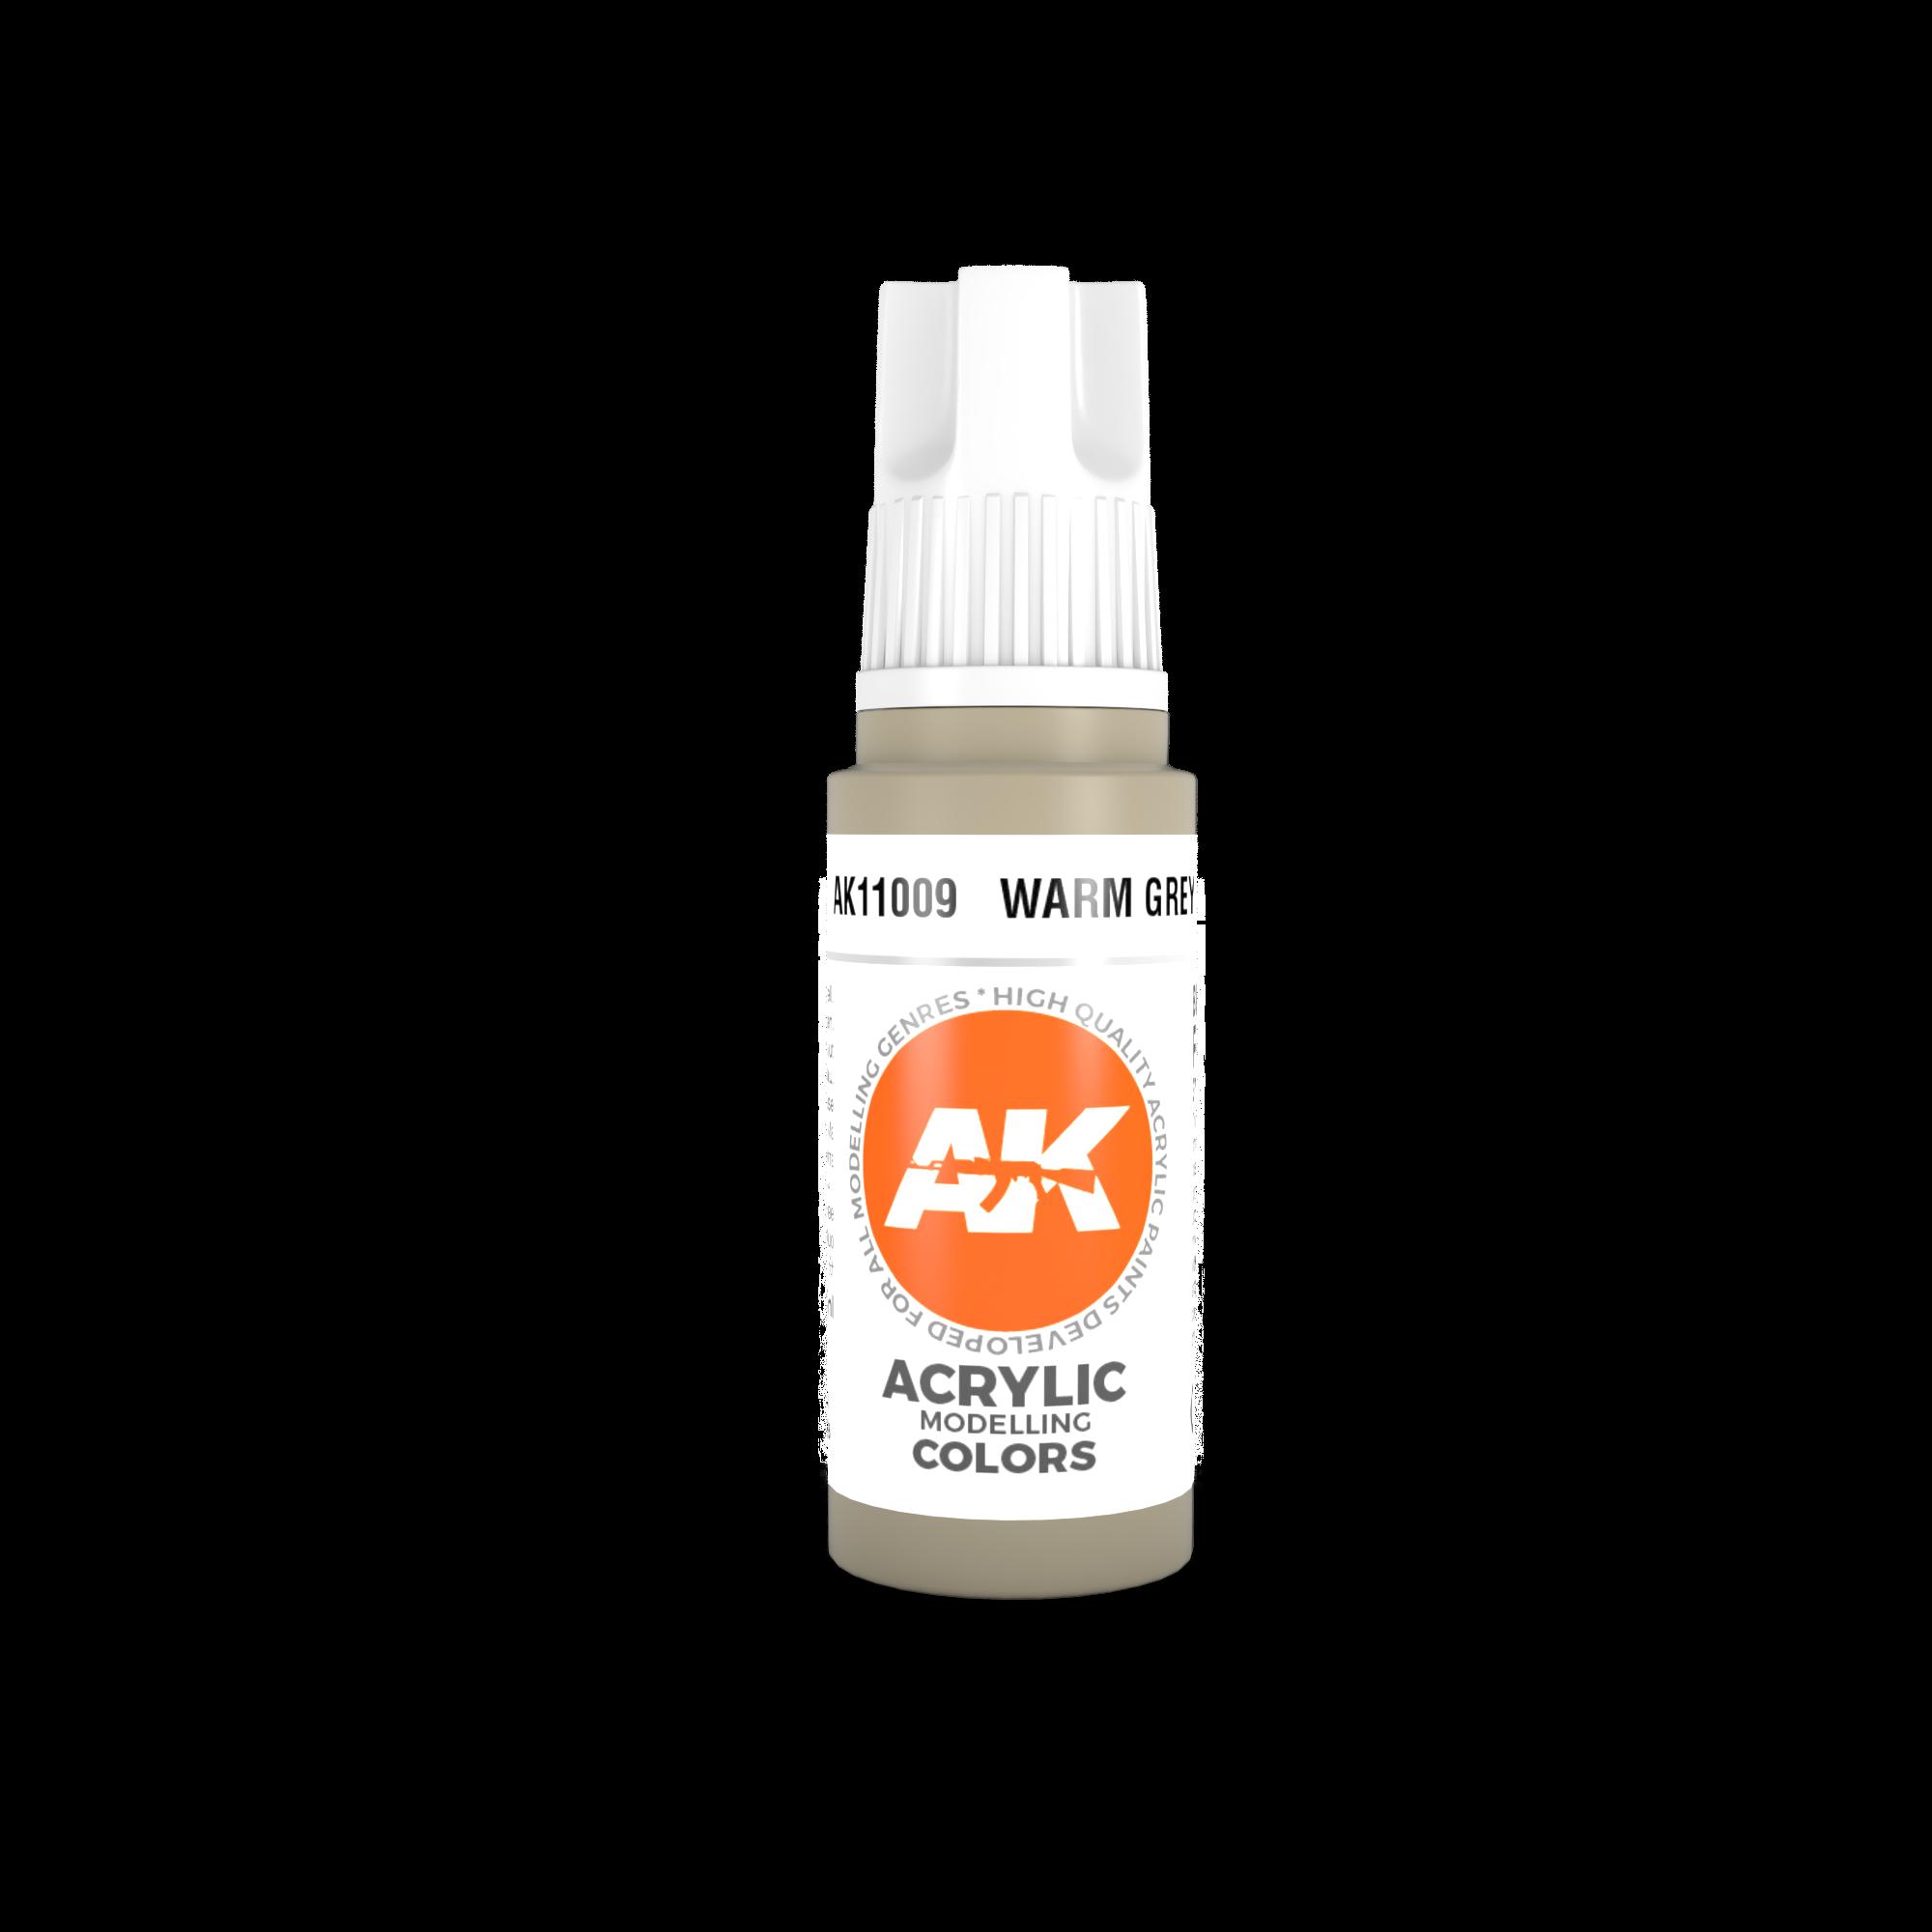 AK-Interactive Warm Grey Acrylic Modelling Color - 17ml - AK-11009